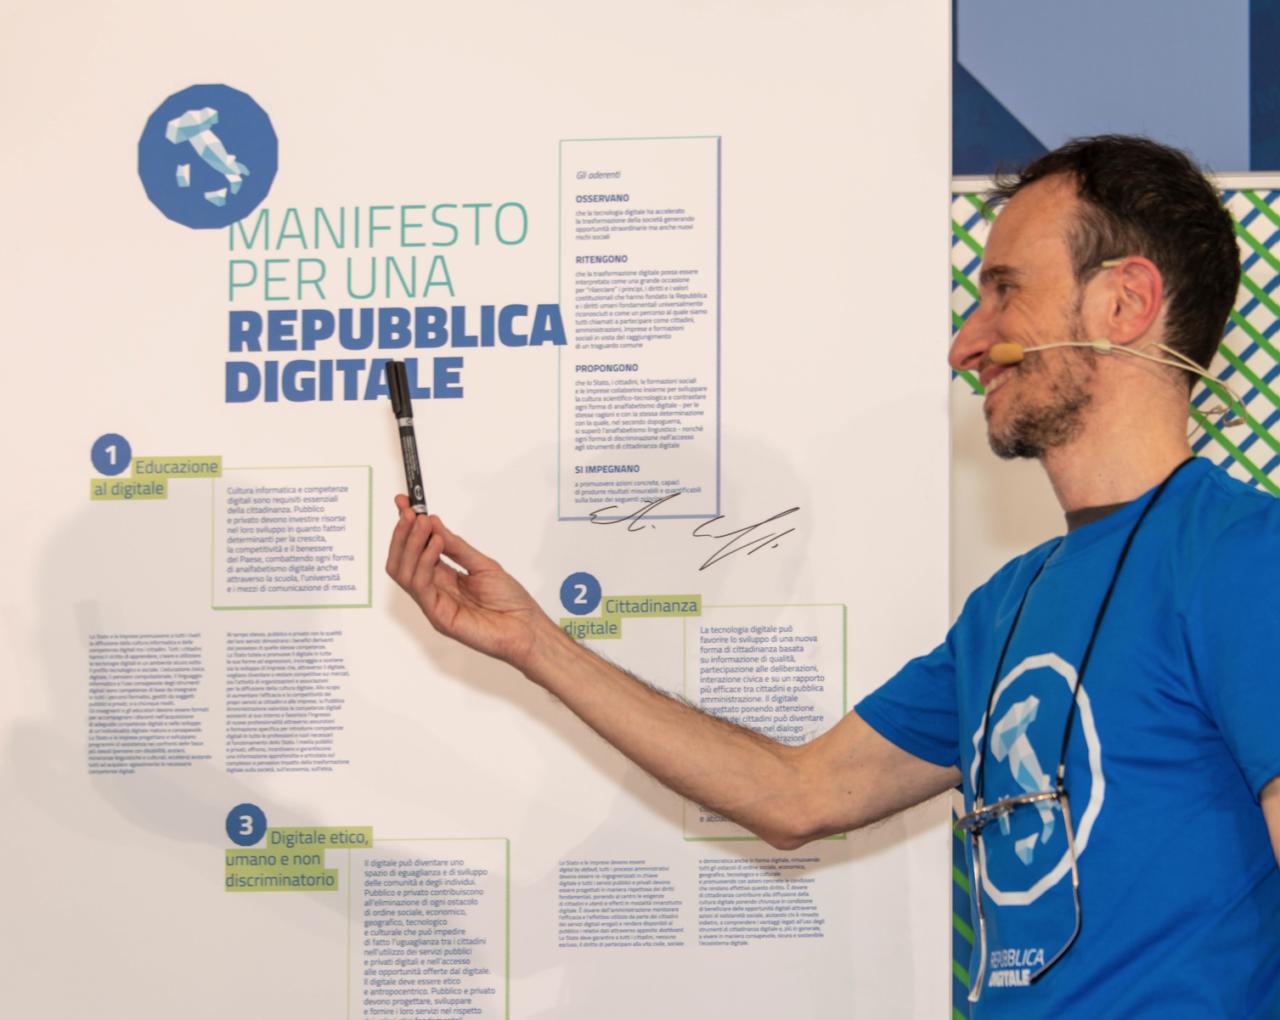 Luca Attias e il Manifesto della Repubblica Digitale